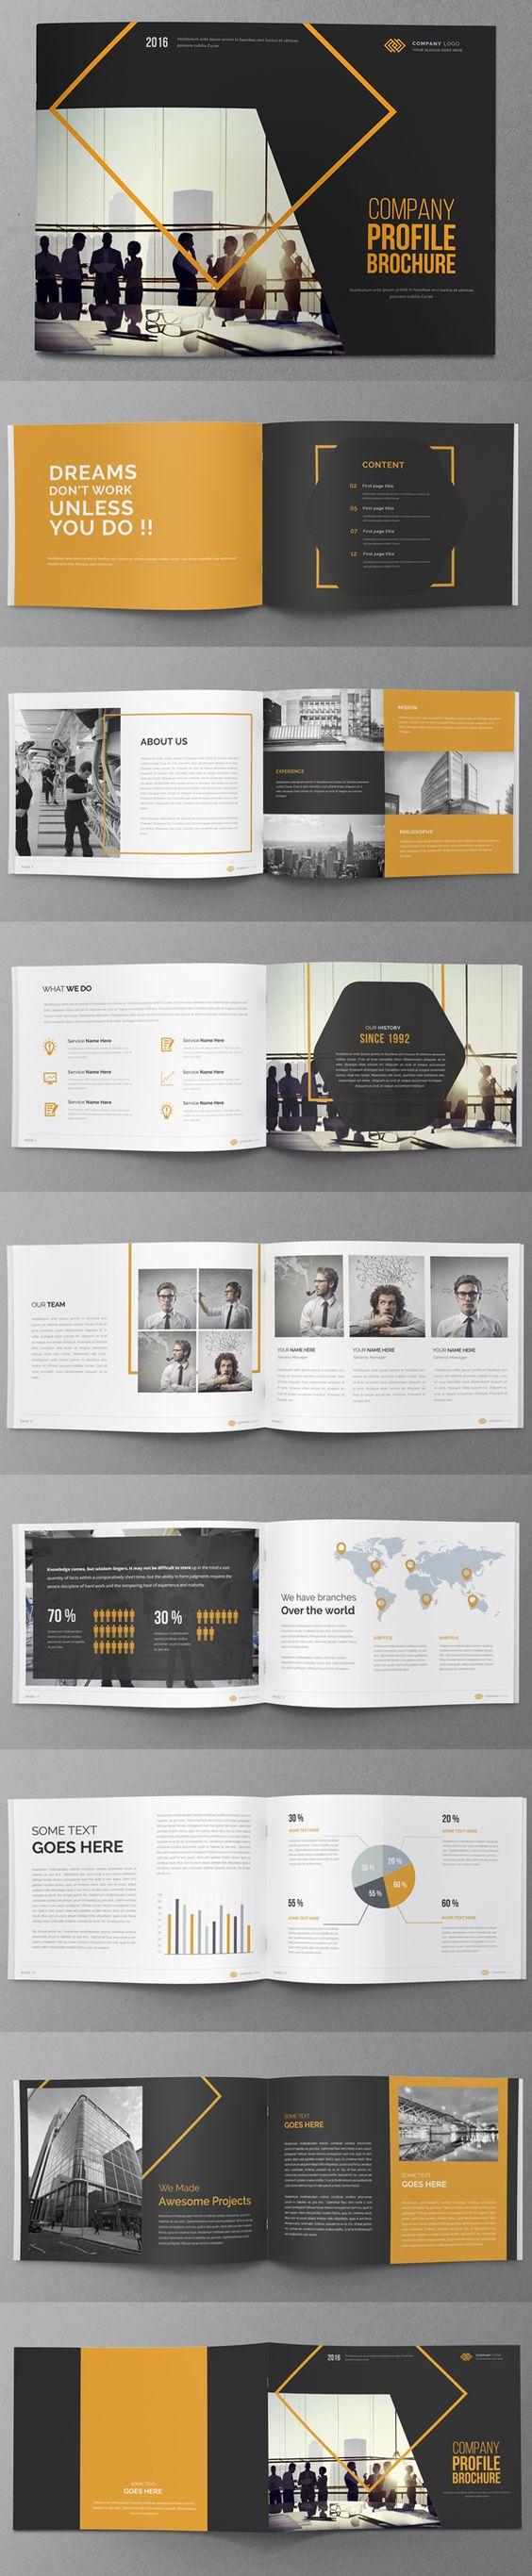 Creative Annual Report Brochure Design                                                                                                                                                      More